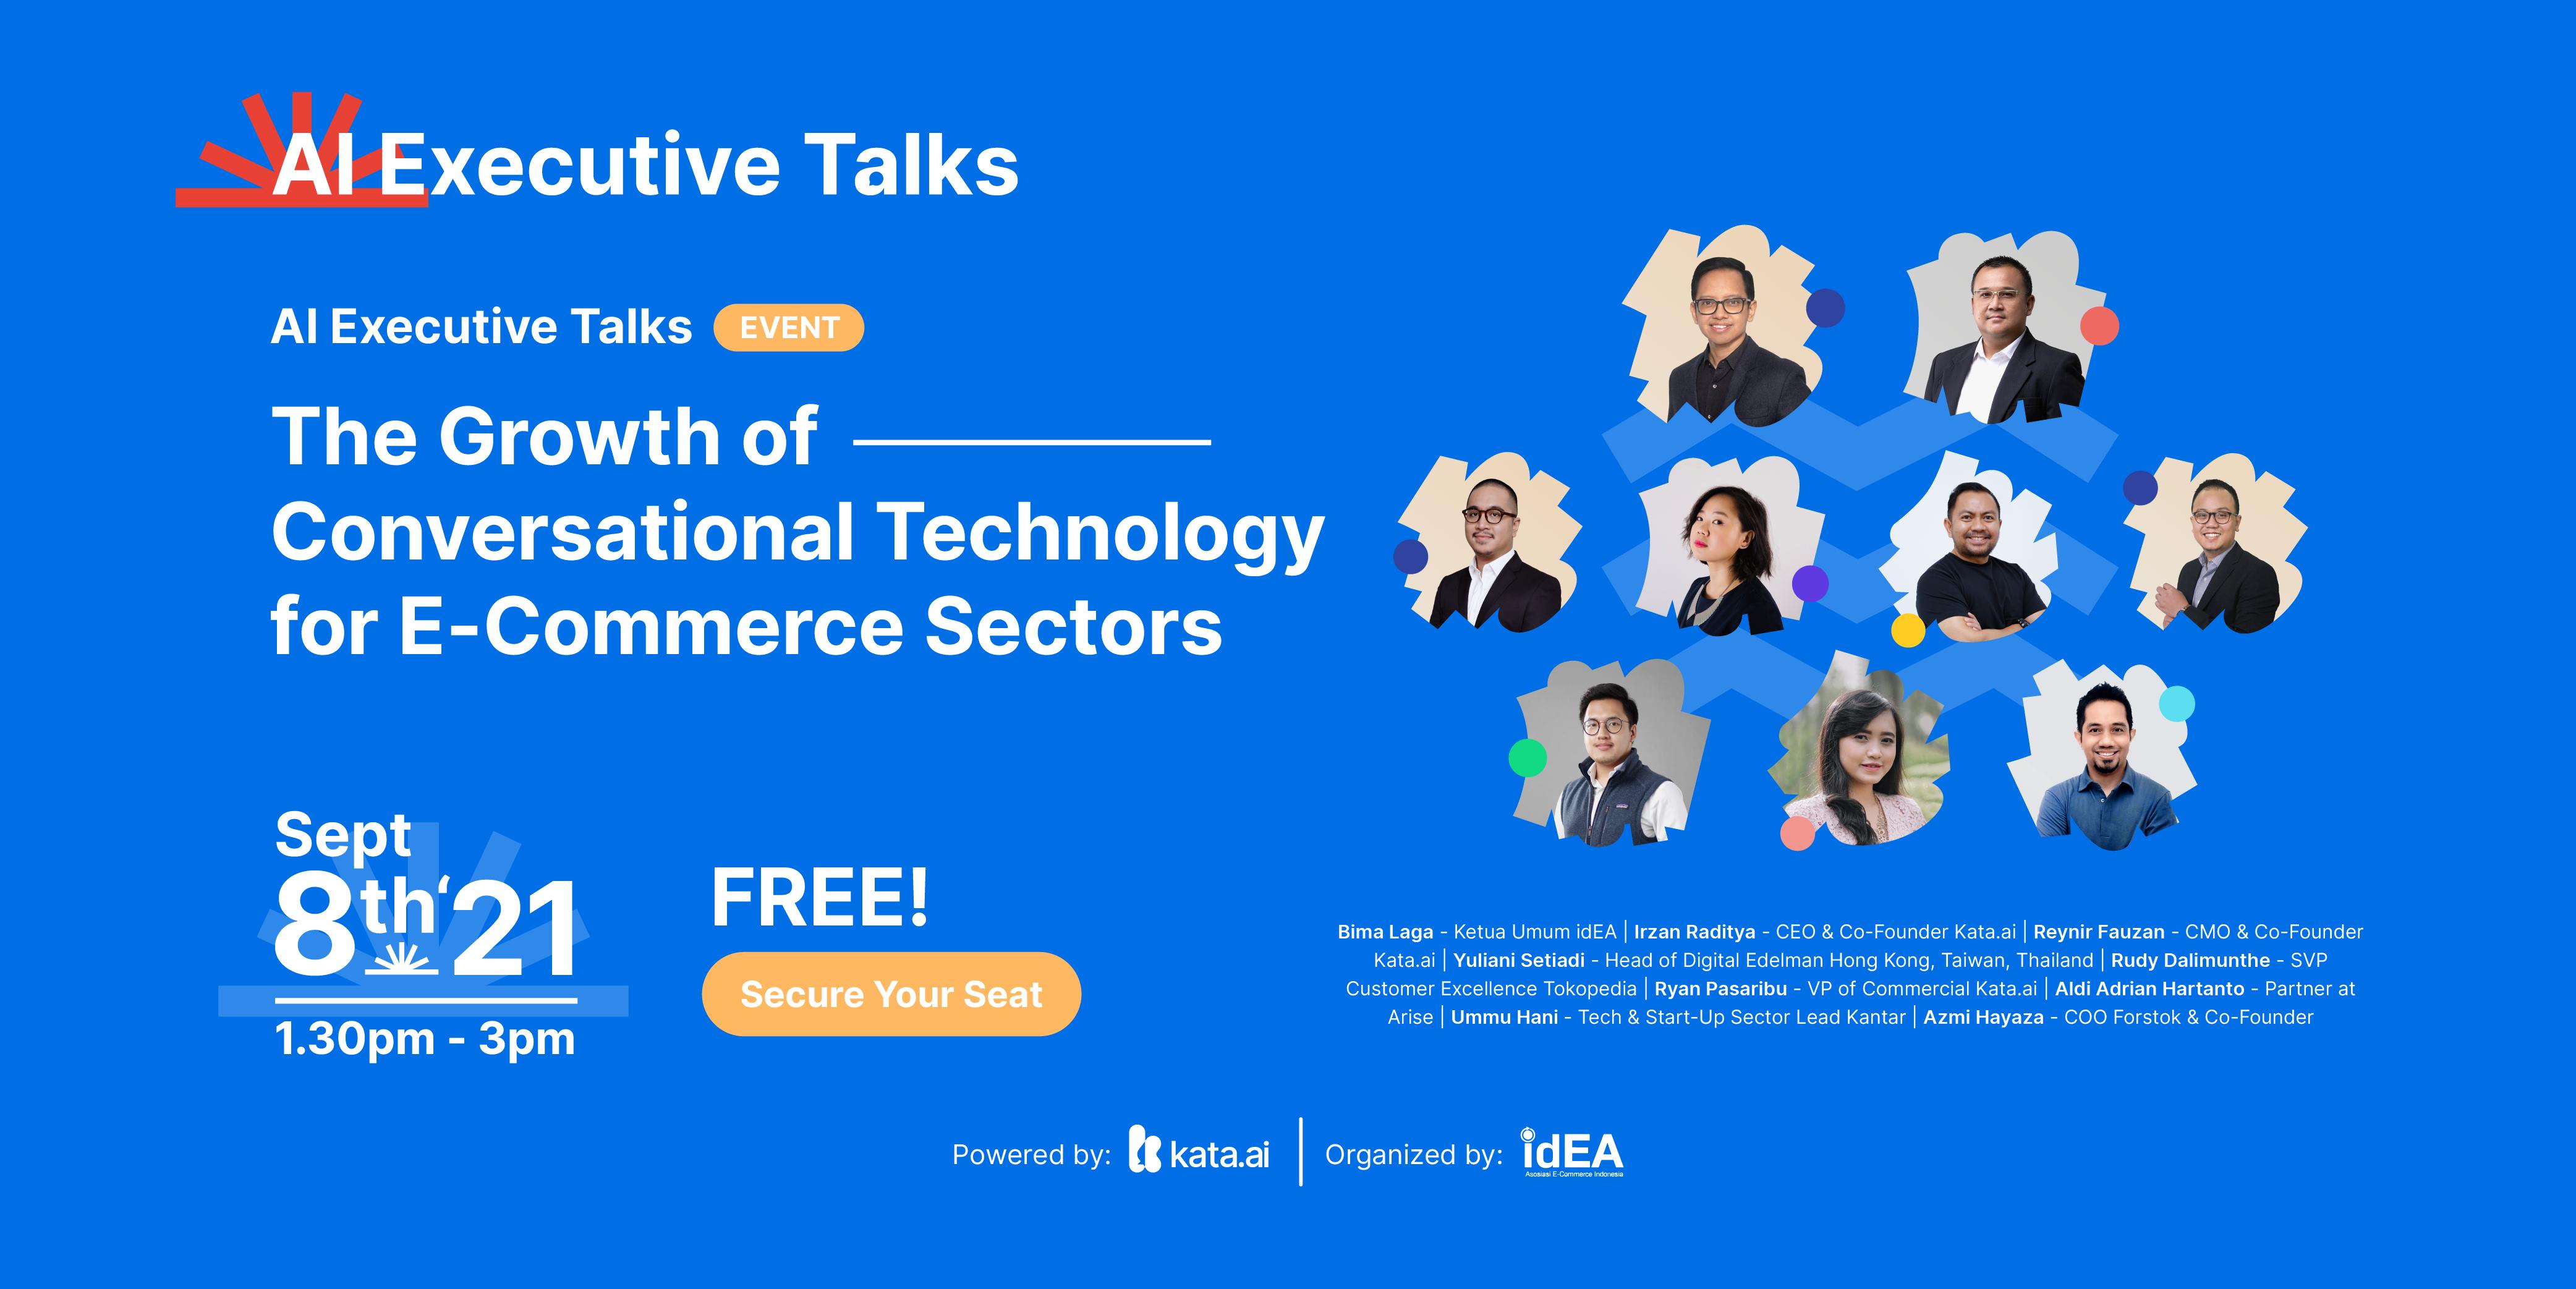 AI Executive talks event powered by kata.ai